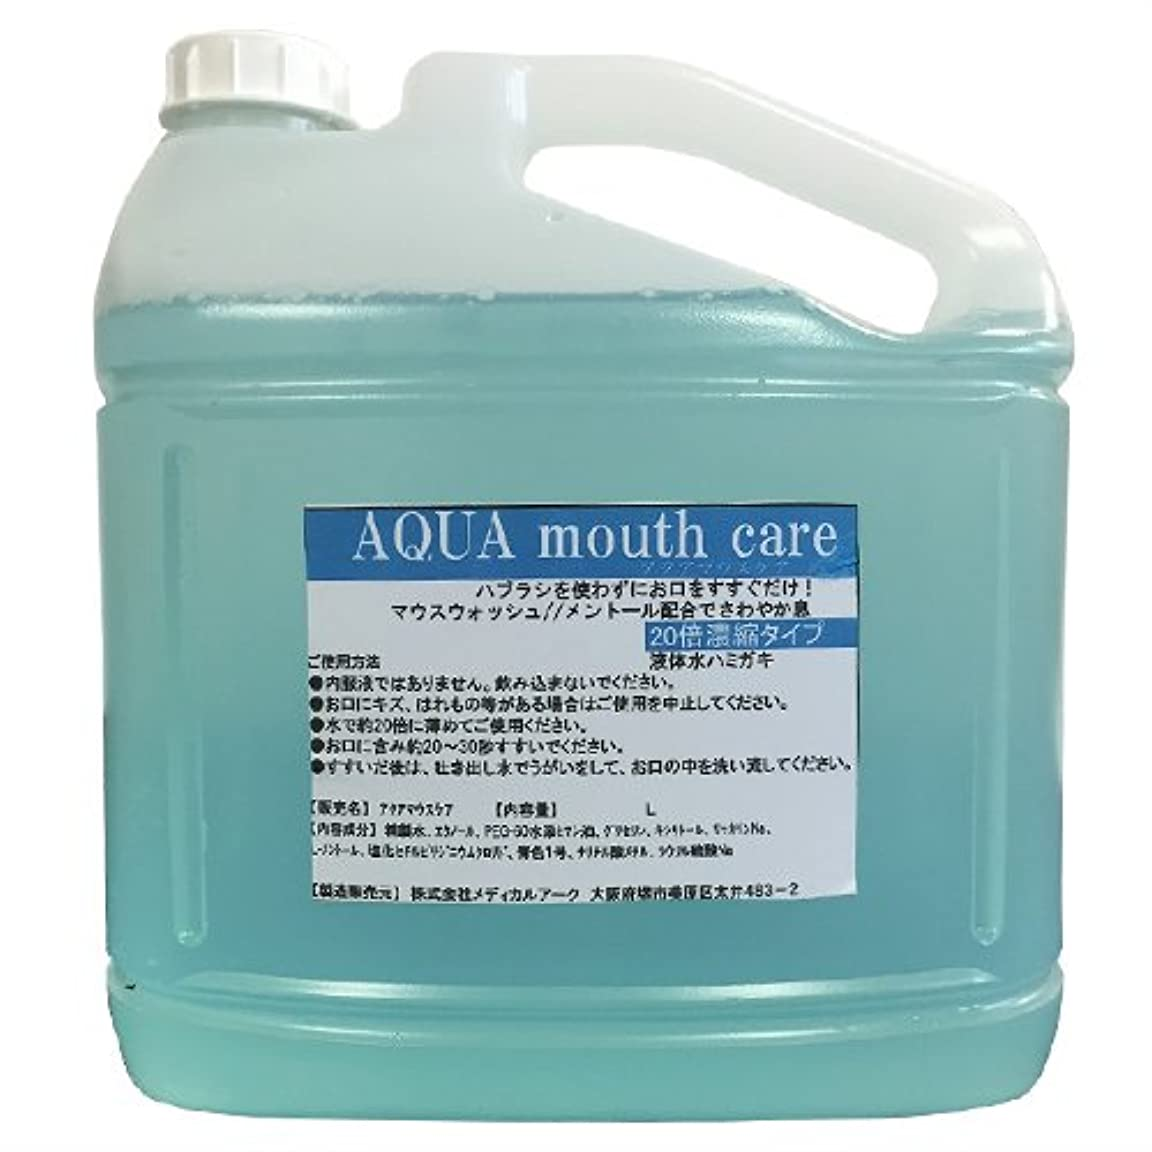 配列累計主権者業務用洗口液 マウスウォッシュ アクアマウスケア (AQUA mouth care) 20倍濃縮タイプ 5L (詰め替えコック付き)